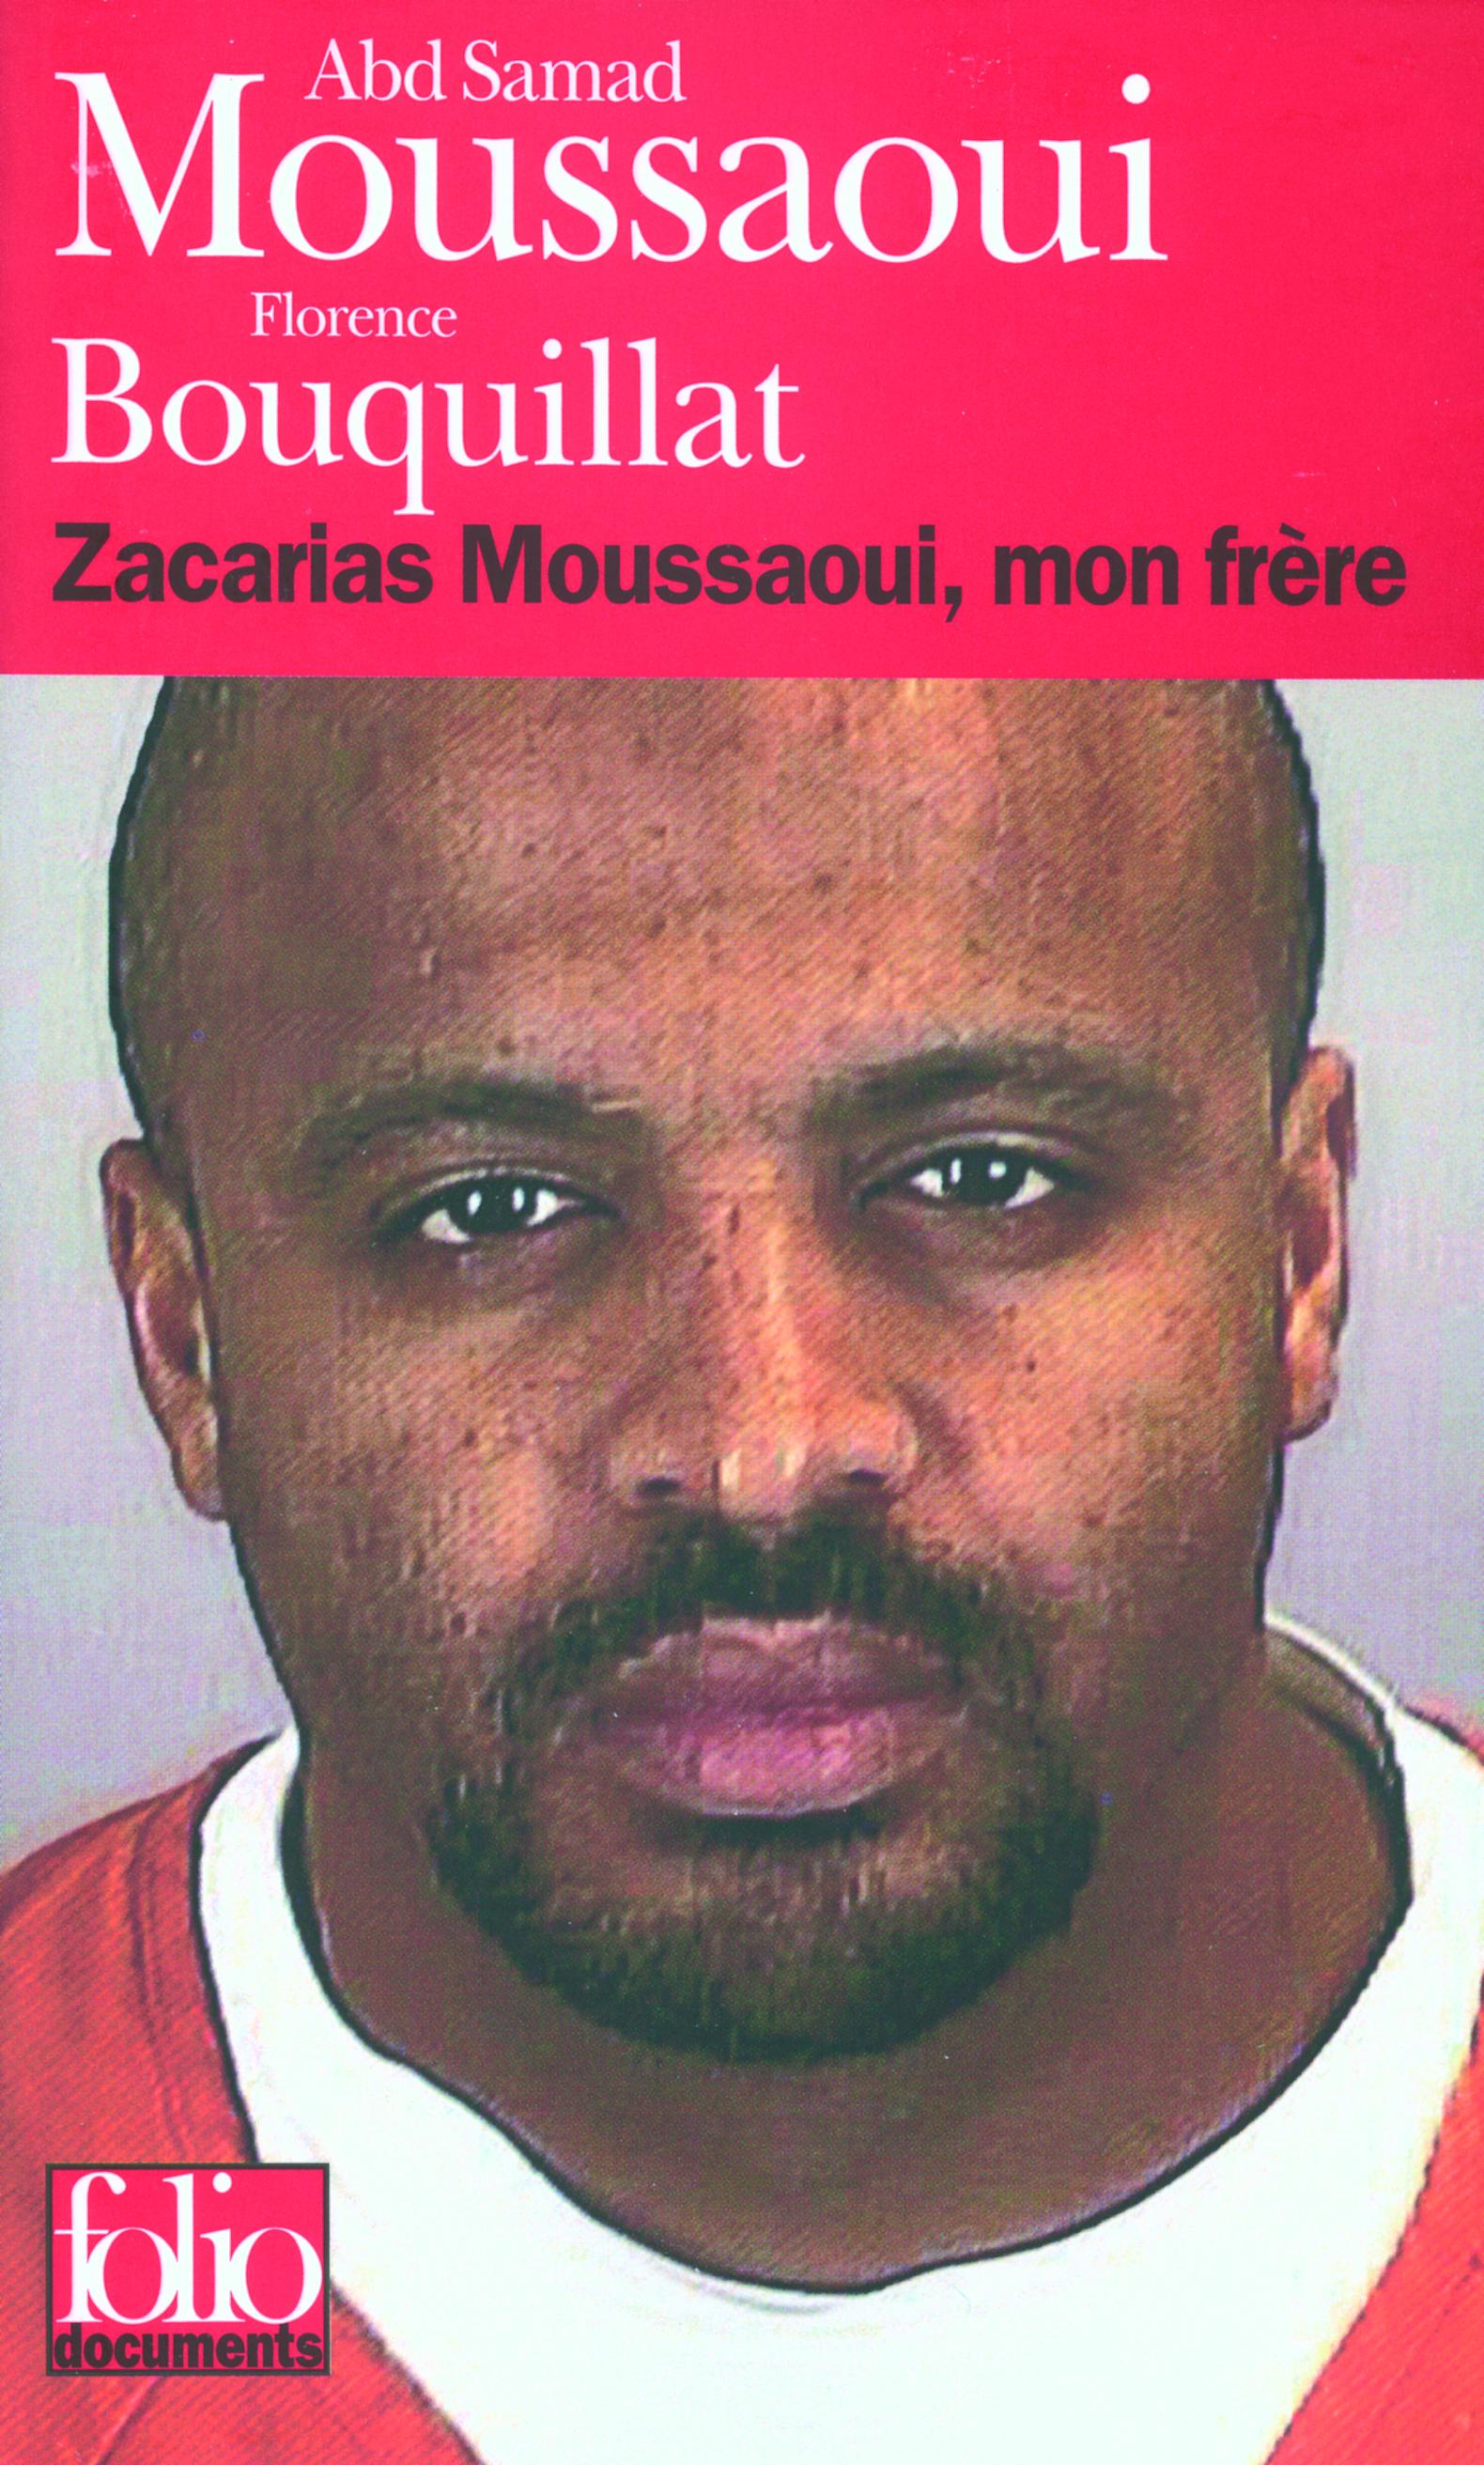 ZACARIAS MOUSSAOUI, MON FRERE